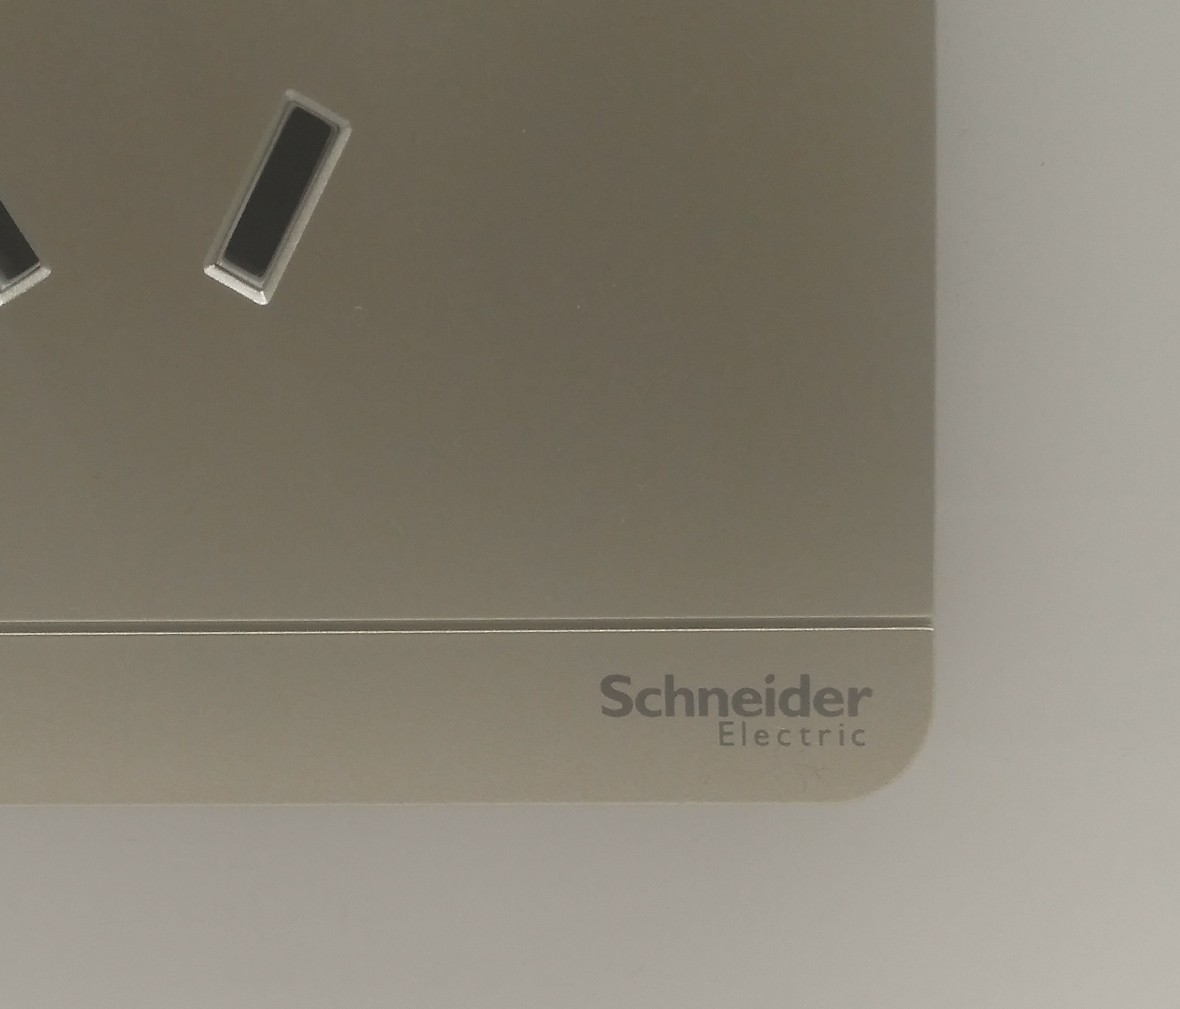 施耐德 蓝韵系列 三孔16A插座 PC材质 耐高温 防漏电 安全插座 细节